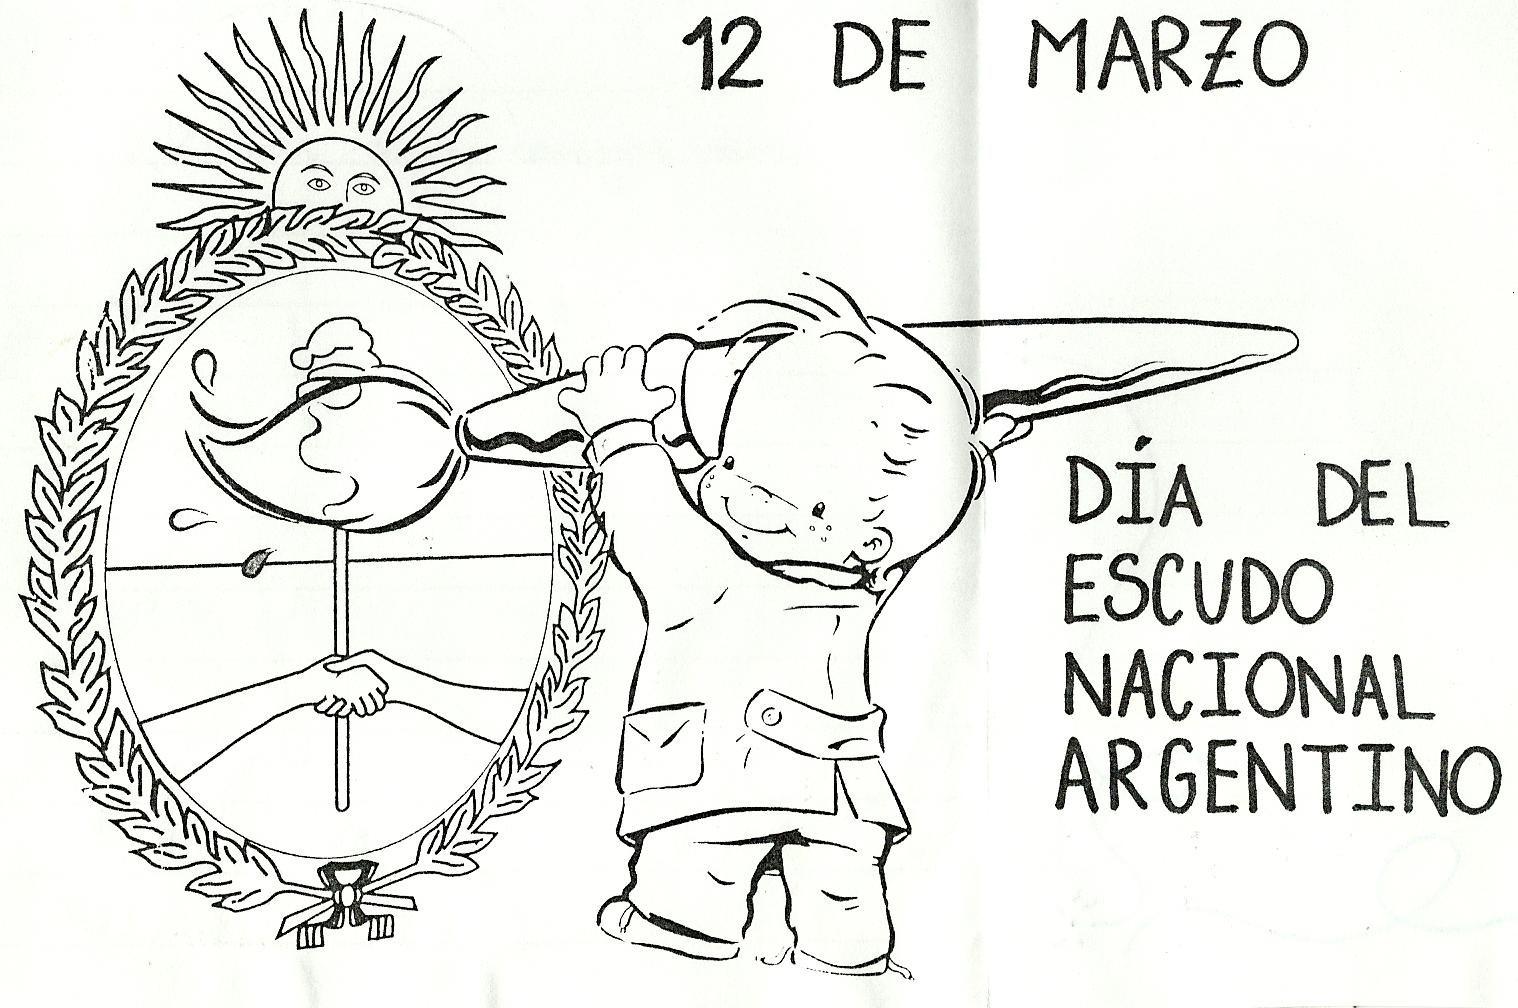 Feliz Dia Del Escudo Nacional Argentino